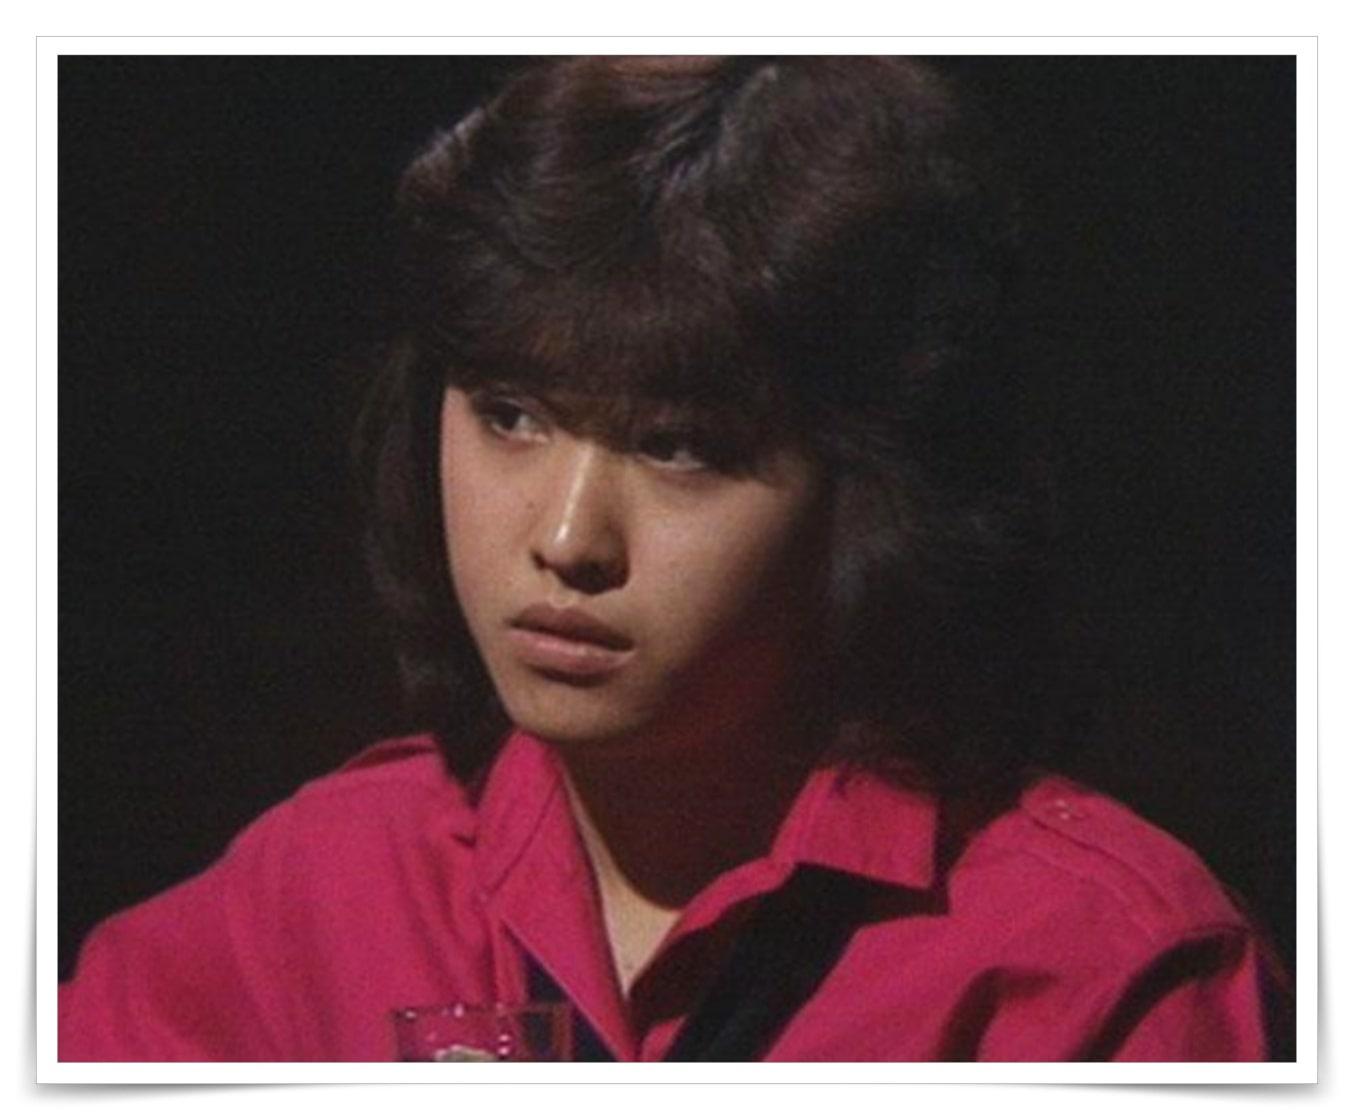 三原じゅん子の若い頃の画像